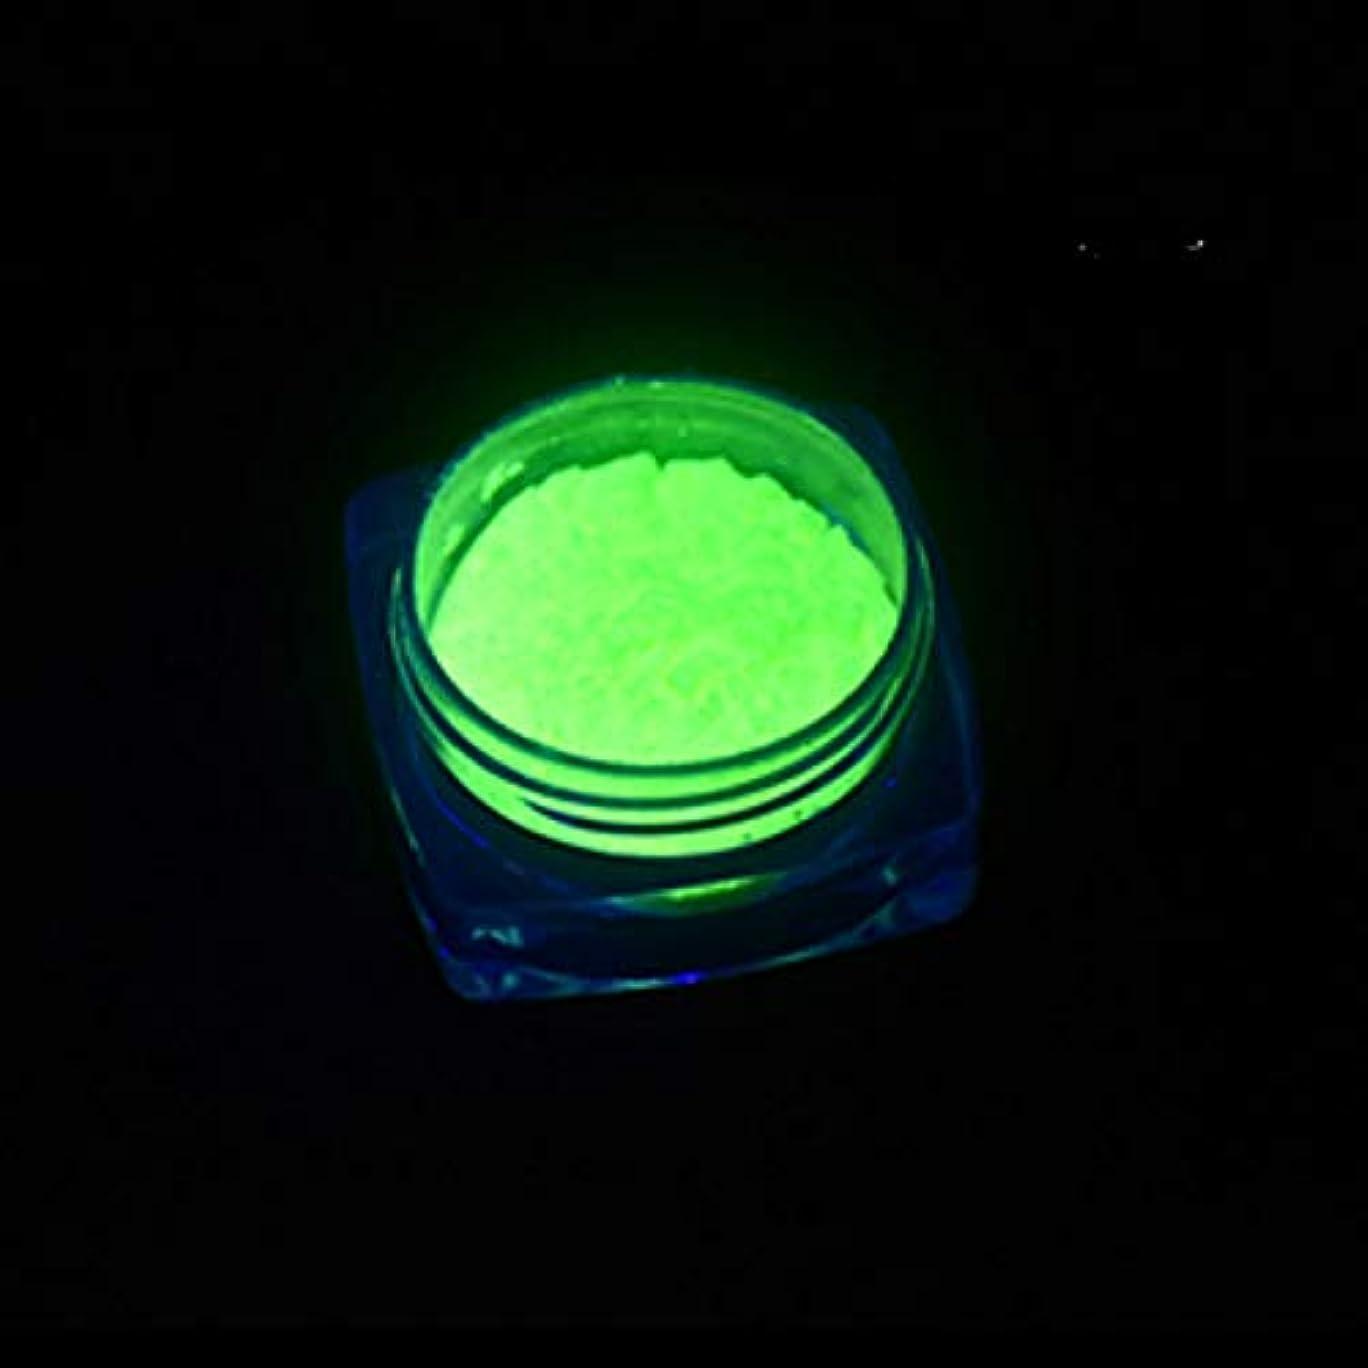 比べるヘア置換ビューティー&パーソナルケア 3 PCSネオン蛍光体粉末ネイルグリッターパウダー ステッカー&デカール (色 : YGF09 Light Green)